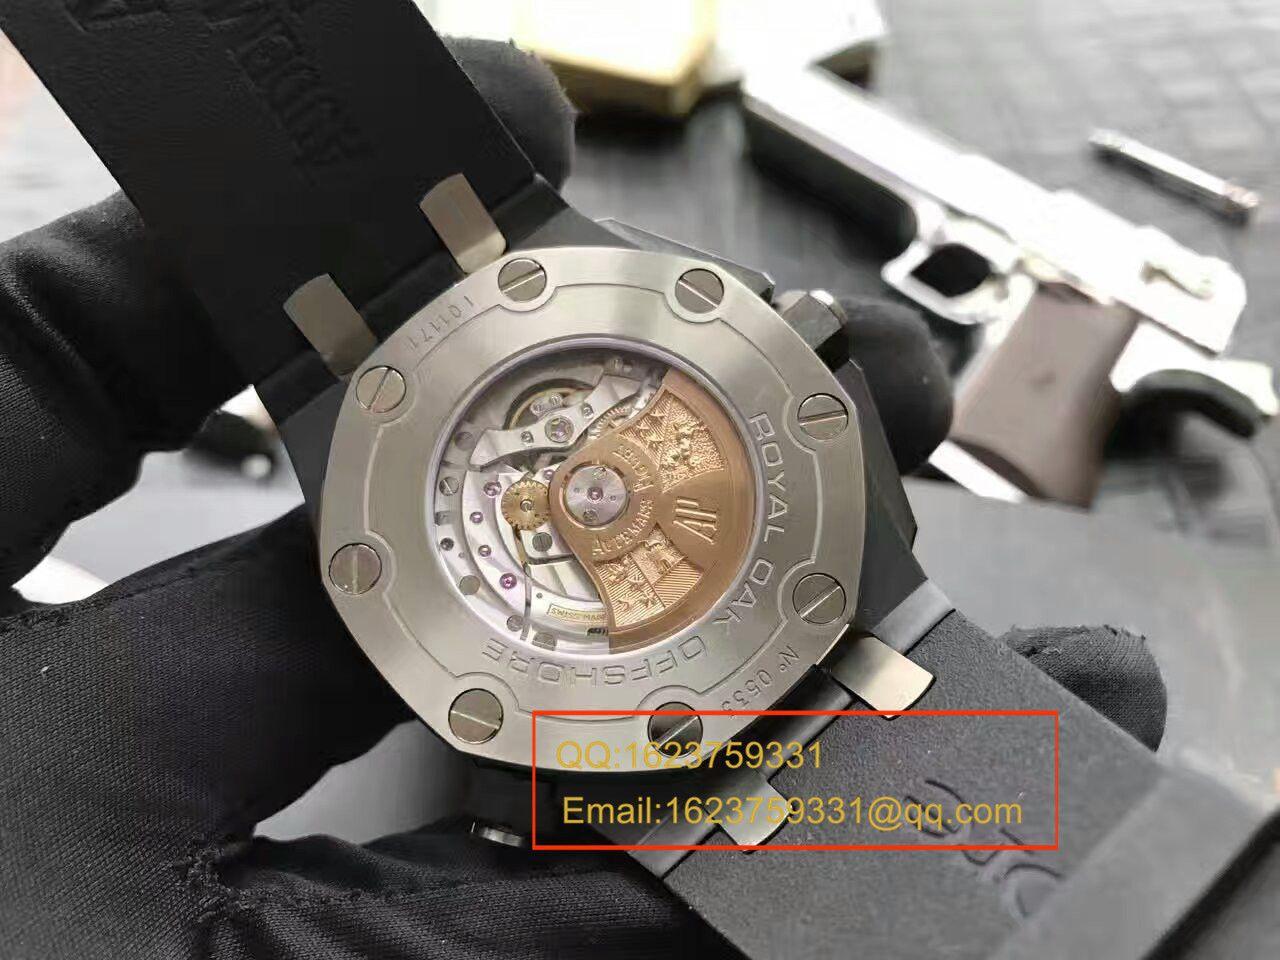 视频评测Audemars Piguet爱彼皇家橡树离岸型系列15707CE.OO.A002CA.01腕表【JF厂一比一超A高仿】 / JF15707MM